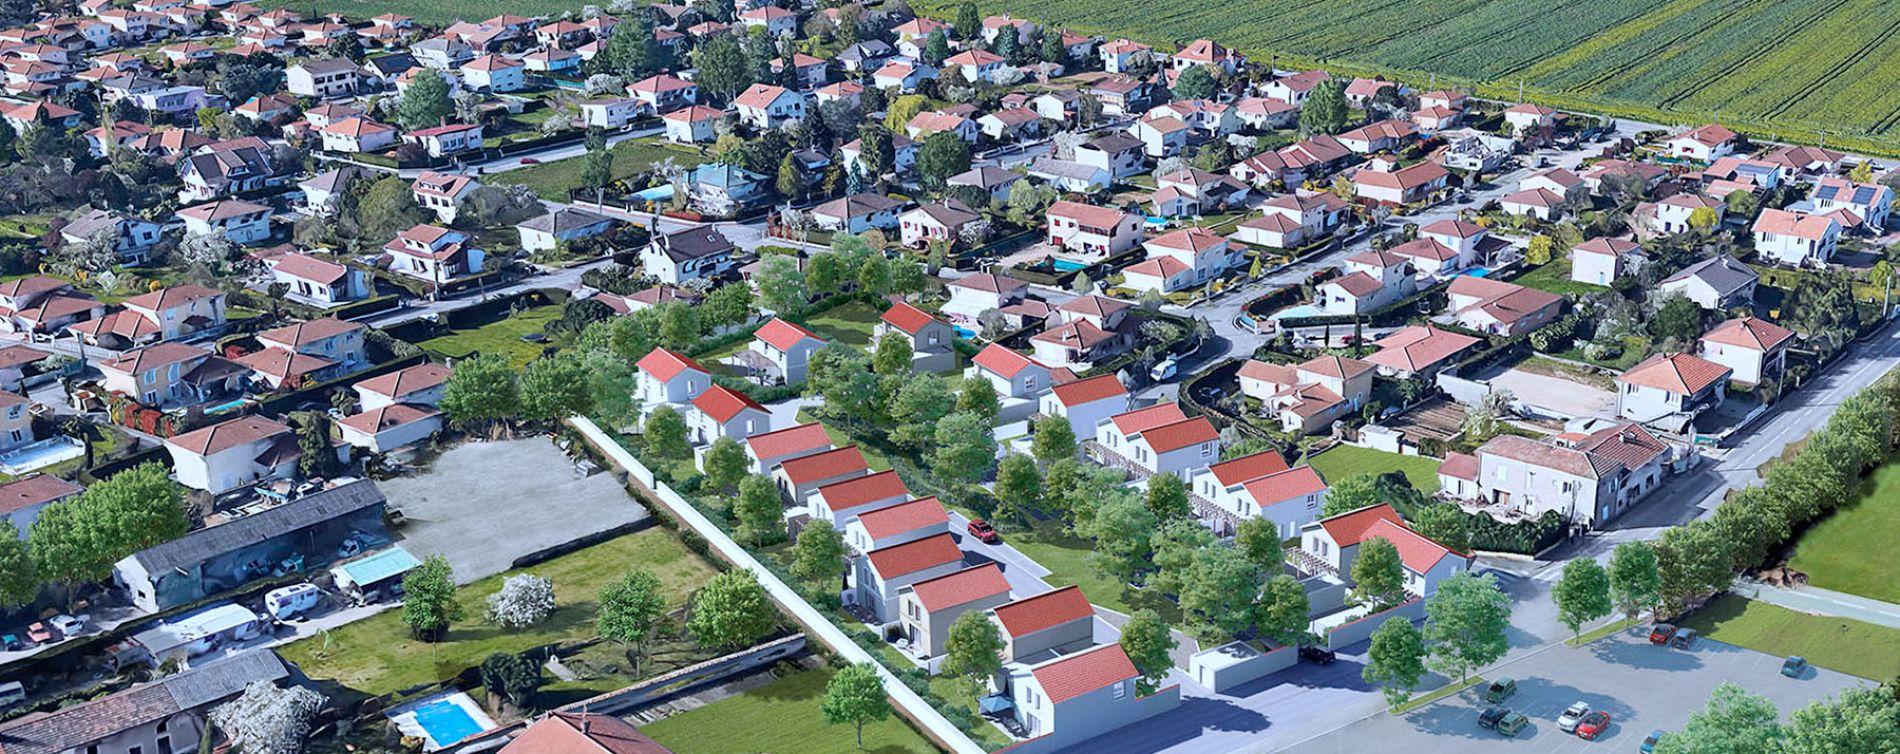 Saint-Priest : programme immobilier neuve « Programme immobilier n°215732 » (5)